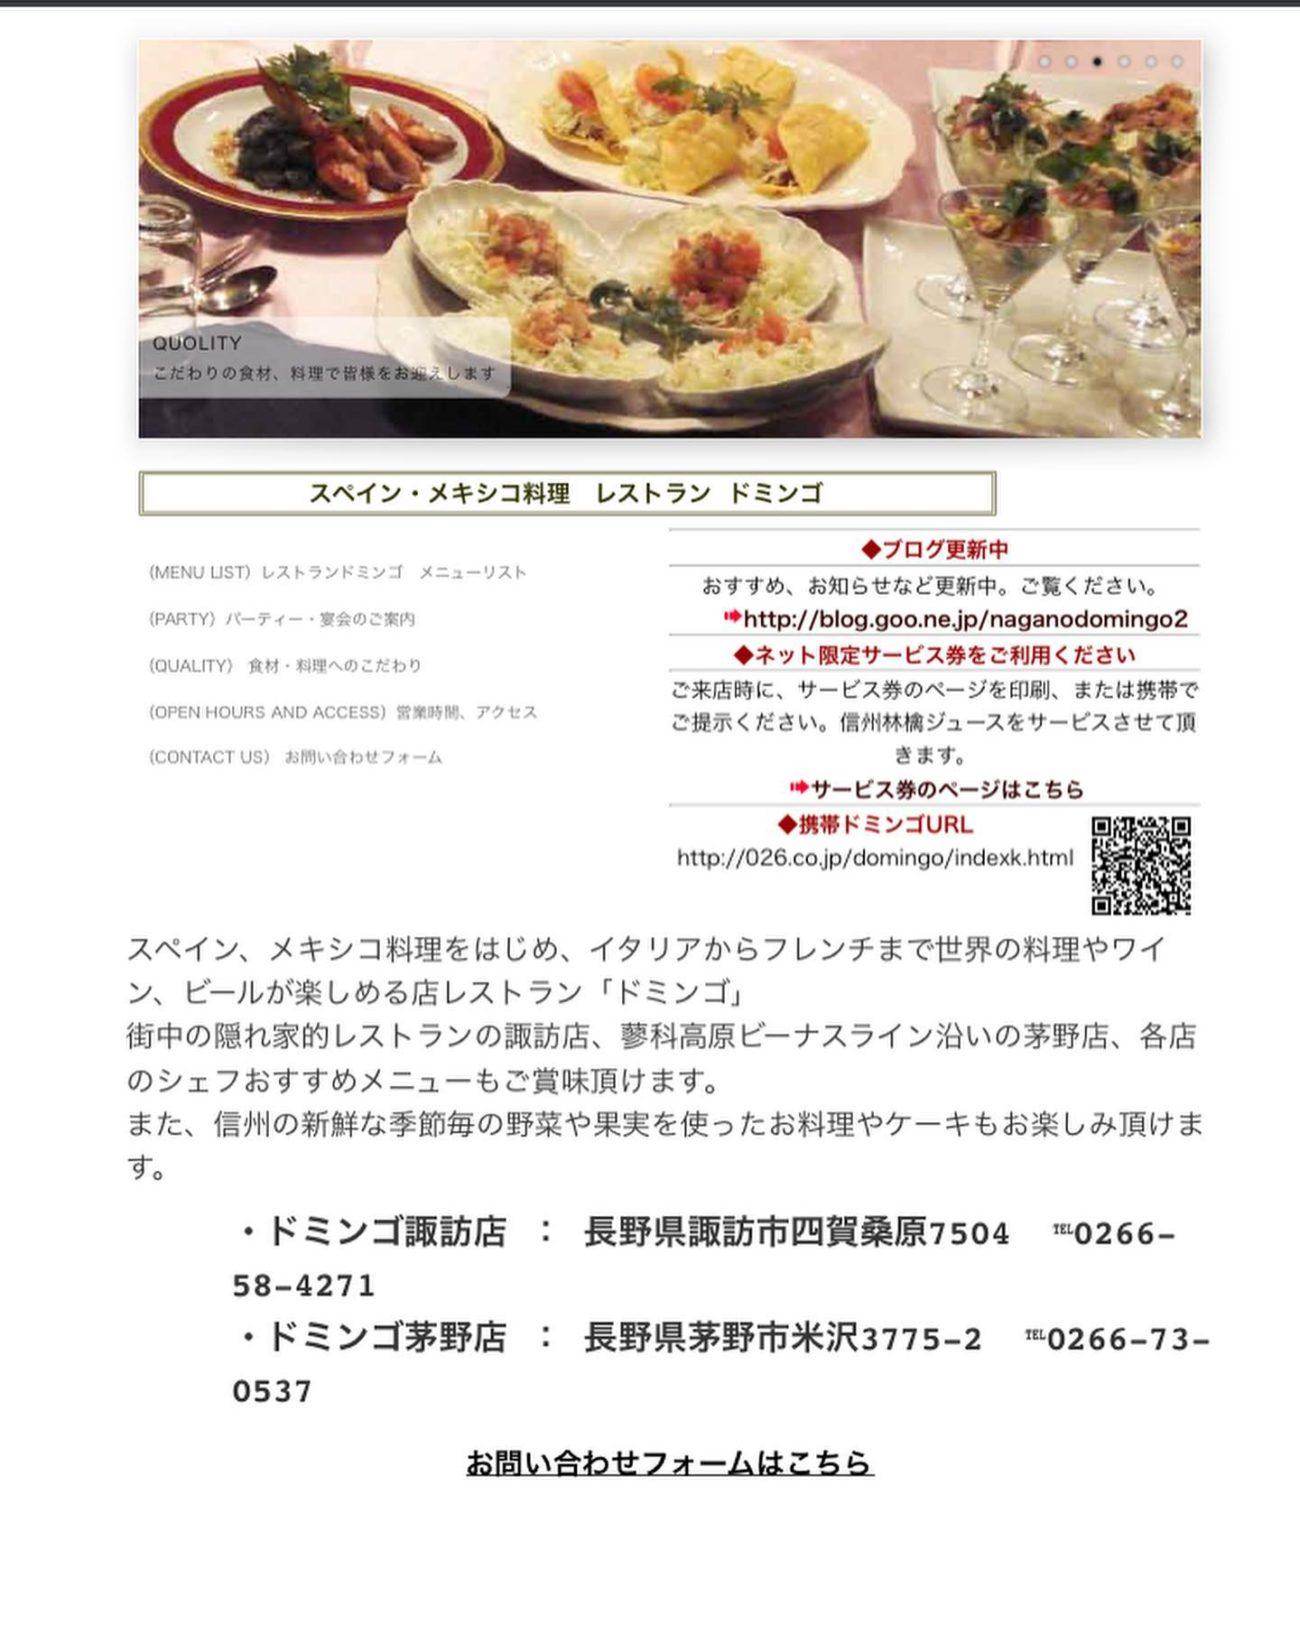 アビエス2020パートナー紹介-レストランドミンゴ-インフォメーション